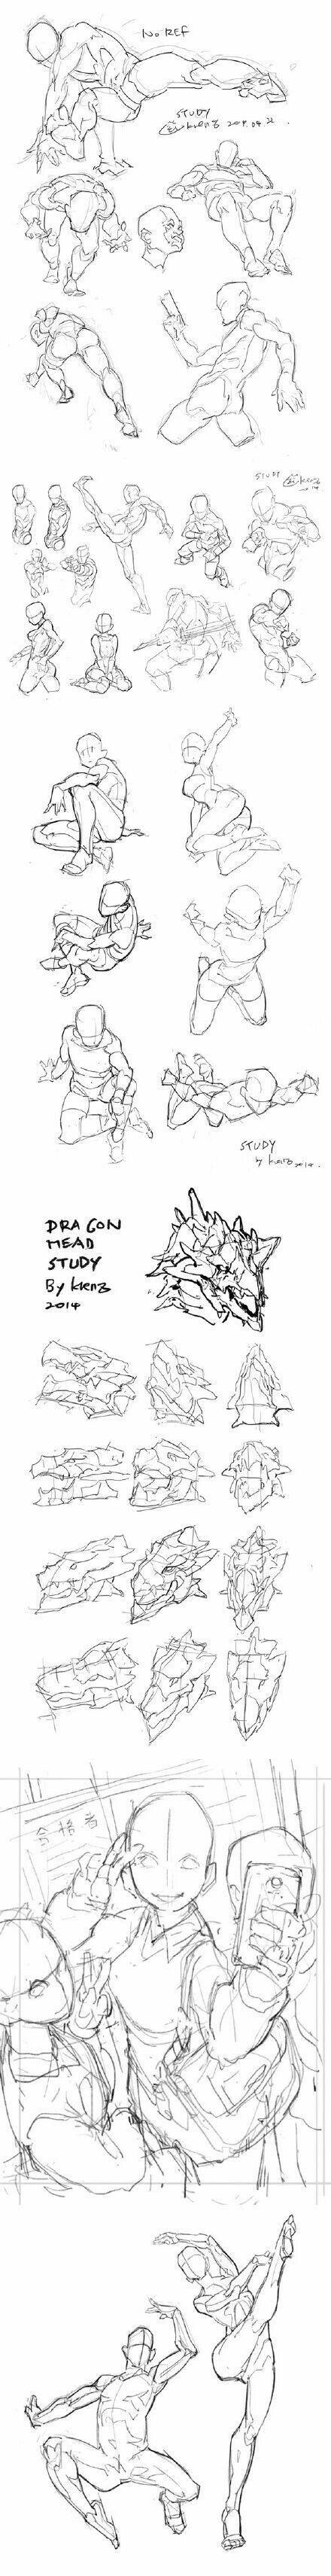 Pin von Diana Elena auf Art | Pinterest | Manga-Zeichnung, Manga und ...